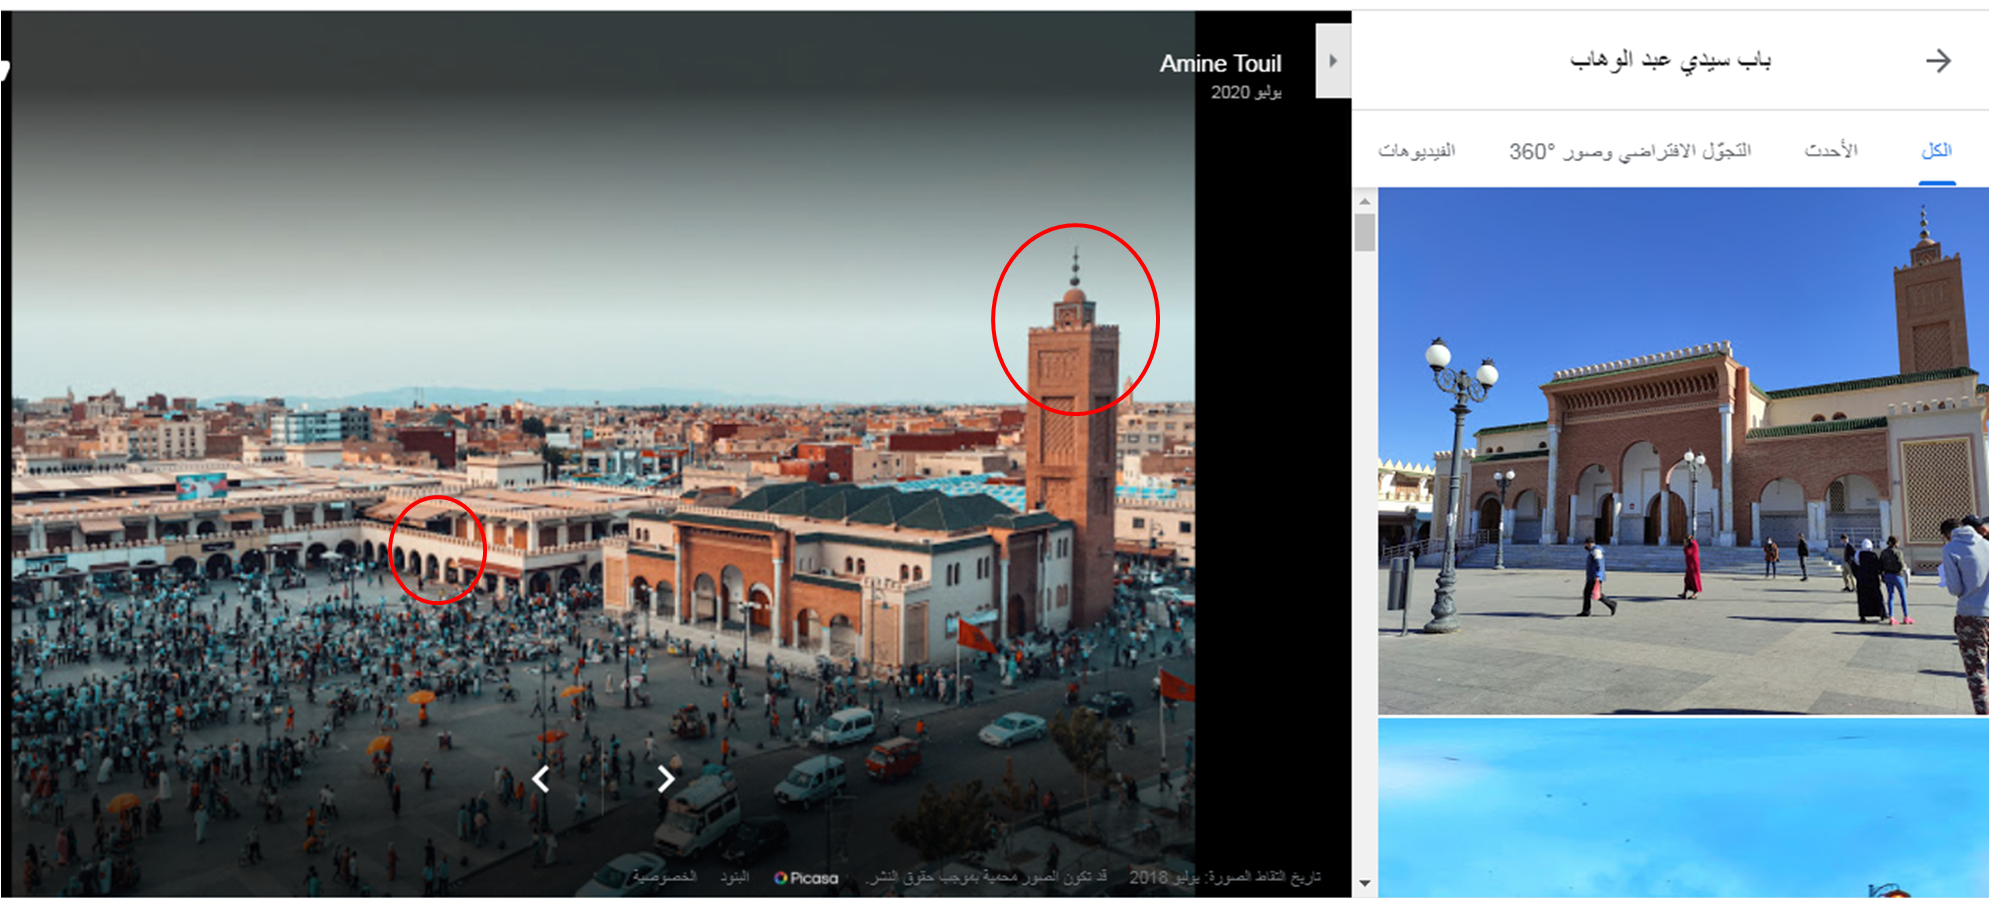 ادعاء سقوط مطعم معلق في البحرين